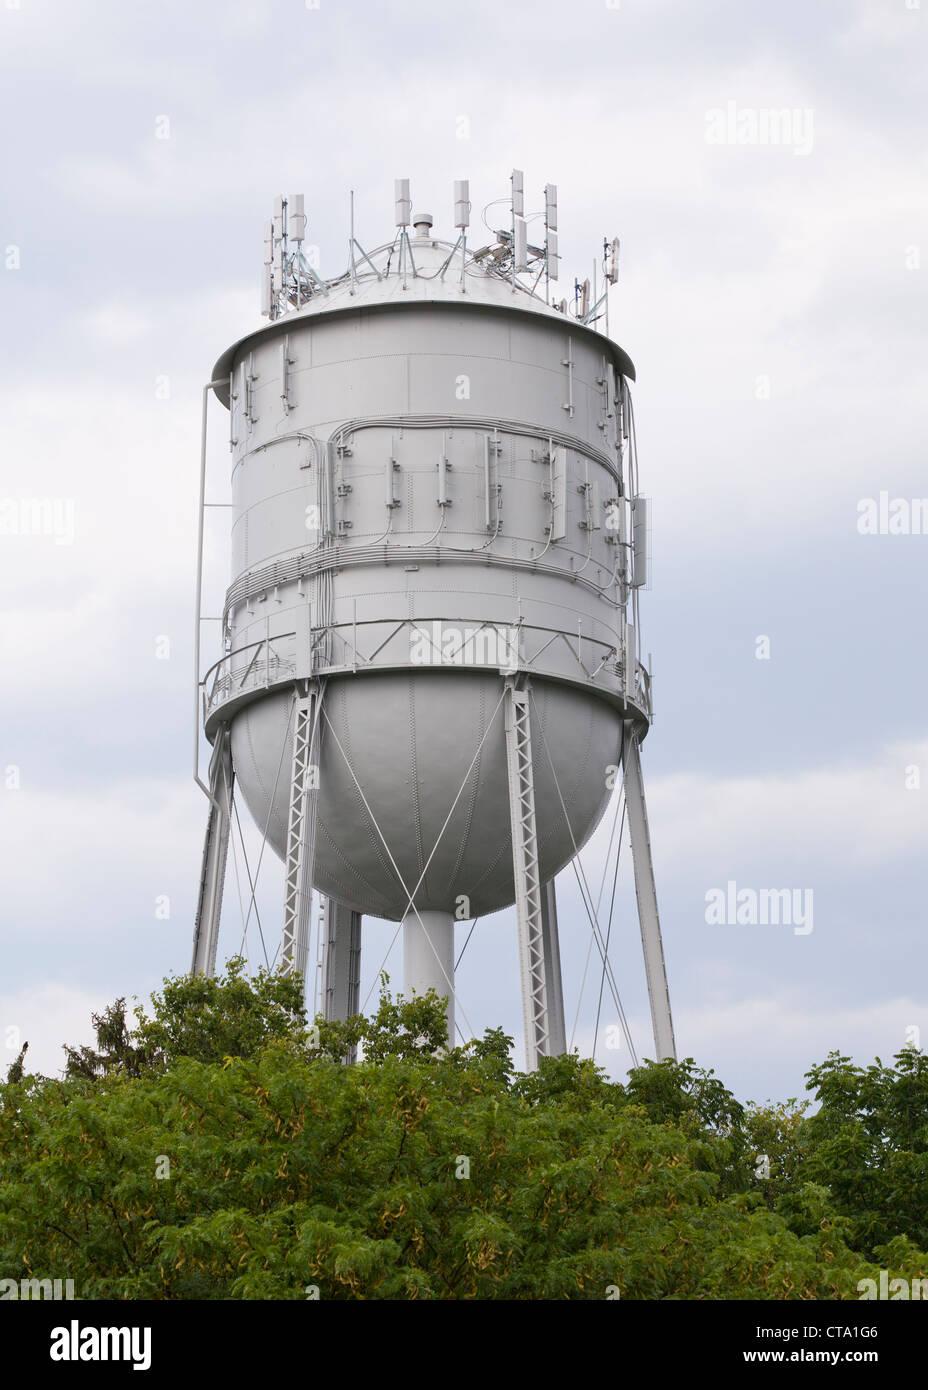 Ein ländliche Wasserturm mit Mobilfunk-Antennen montiert Stockbild